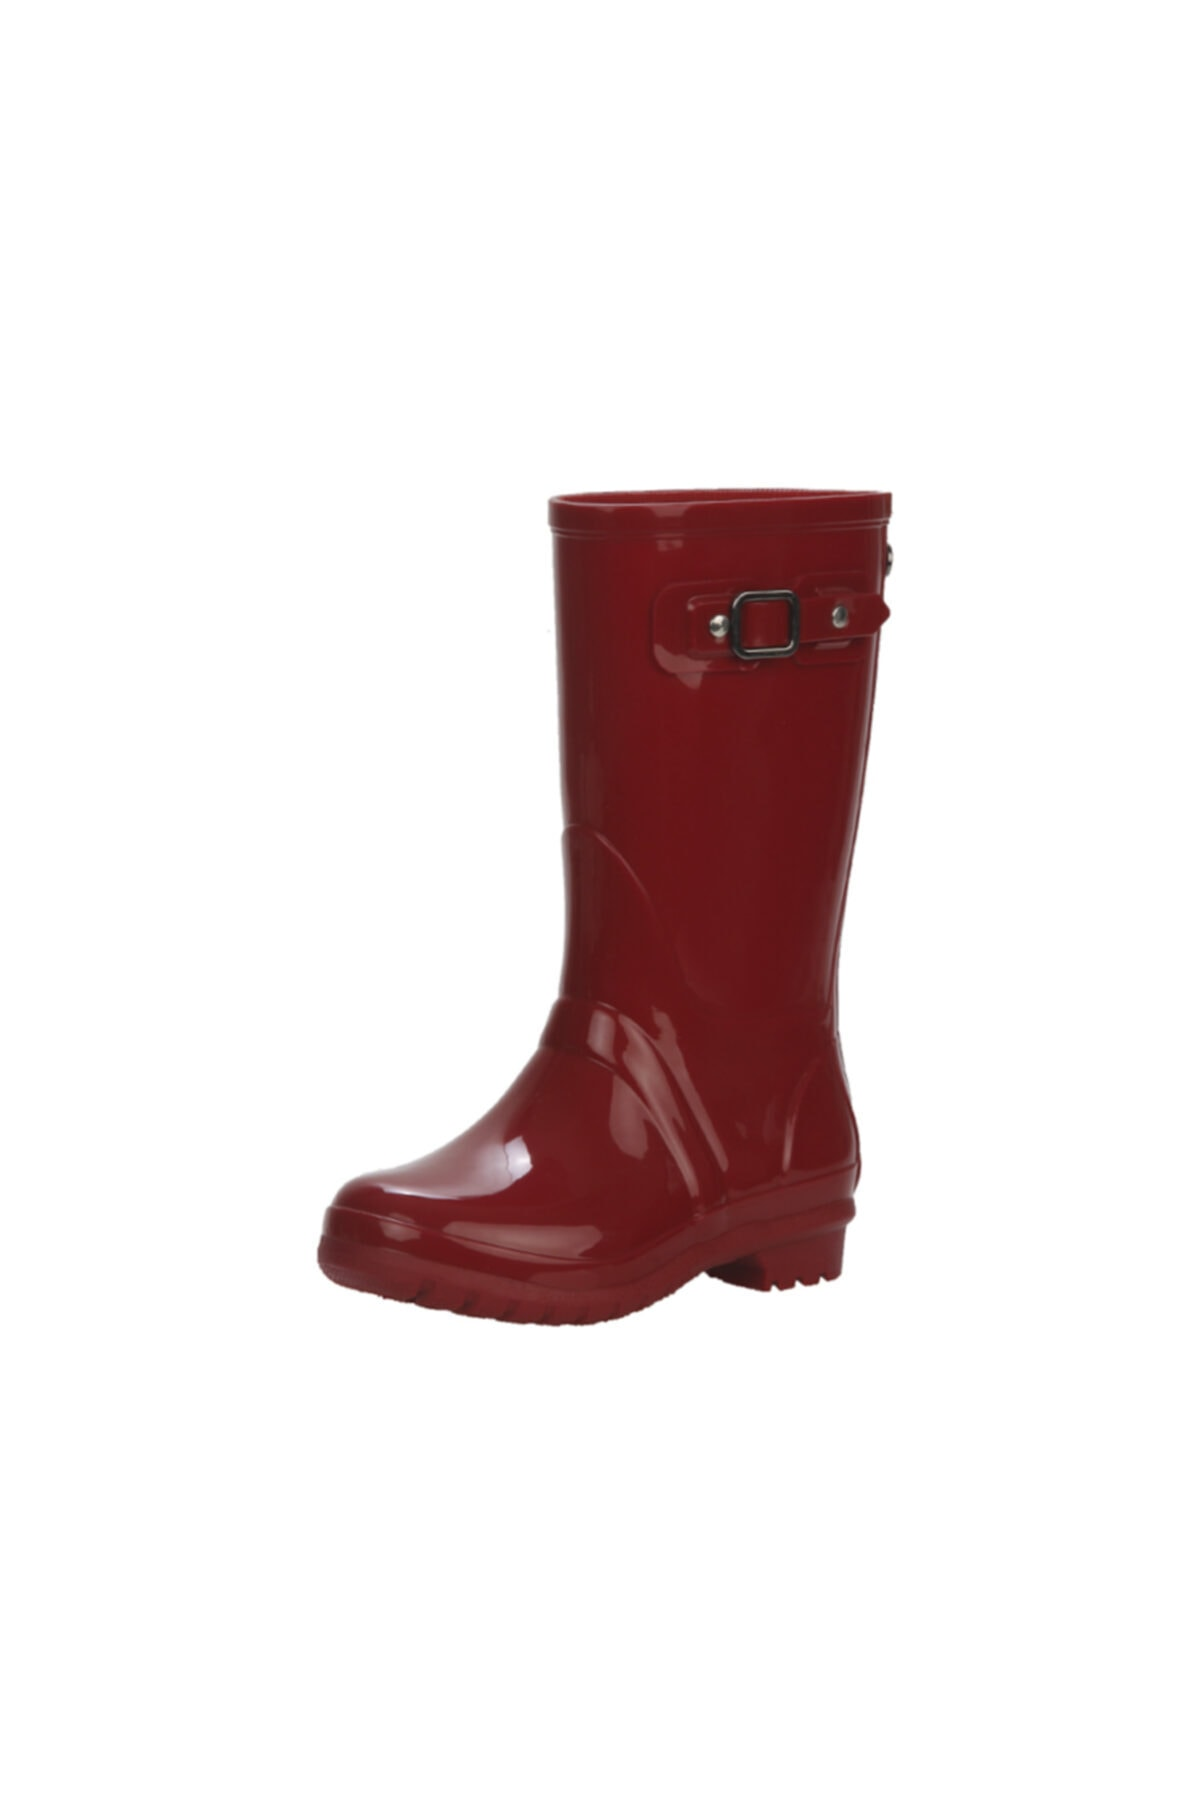 IGOR Kadın Kırmızı Uzun Yağmur Çizmesi 2